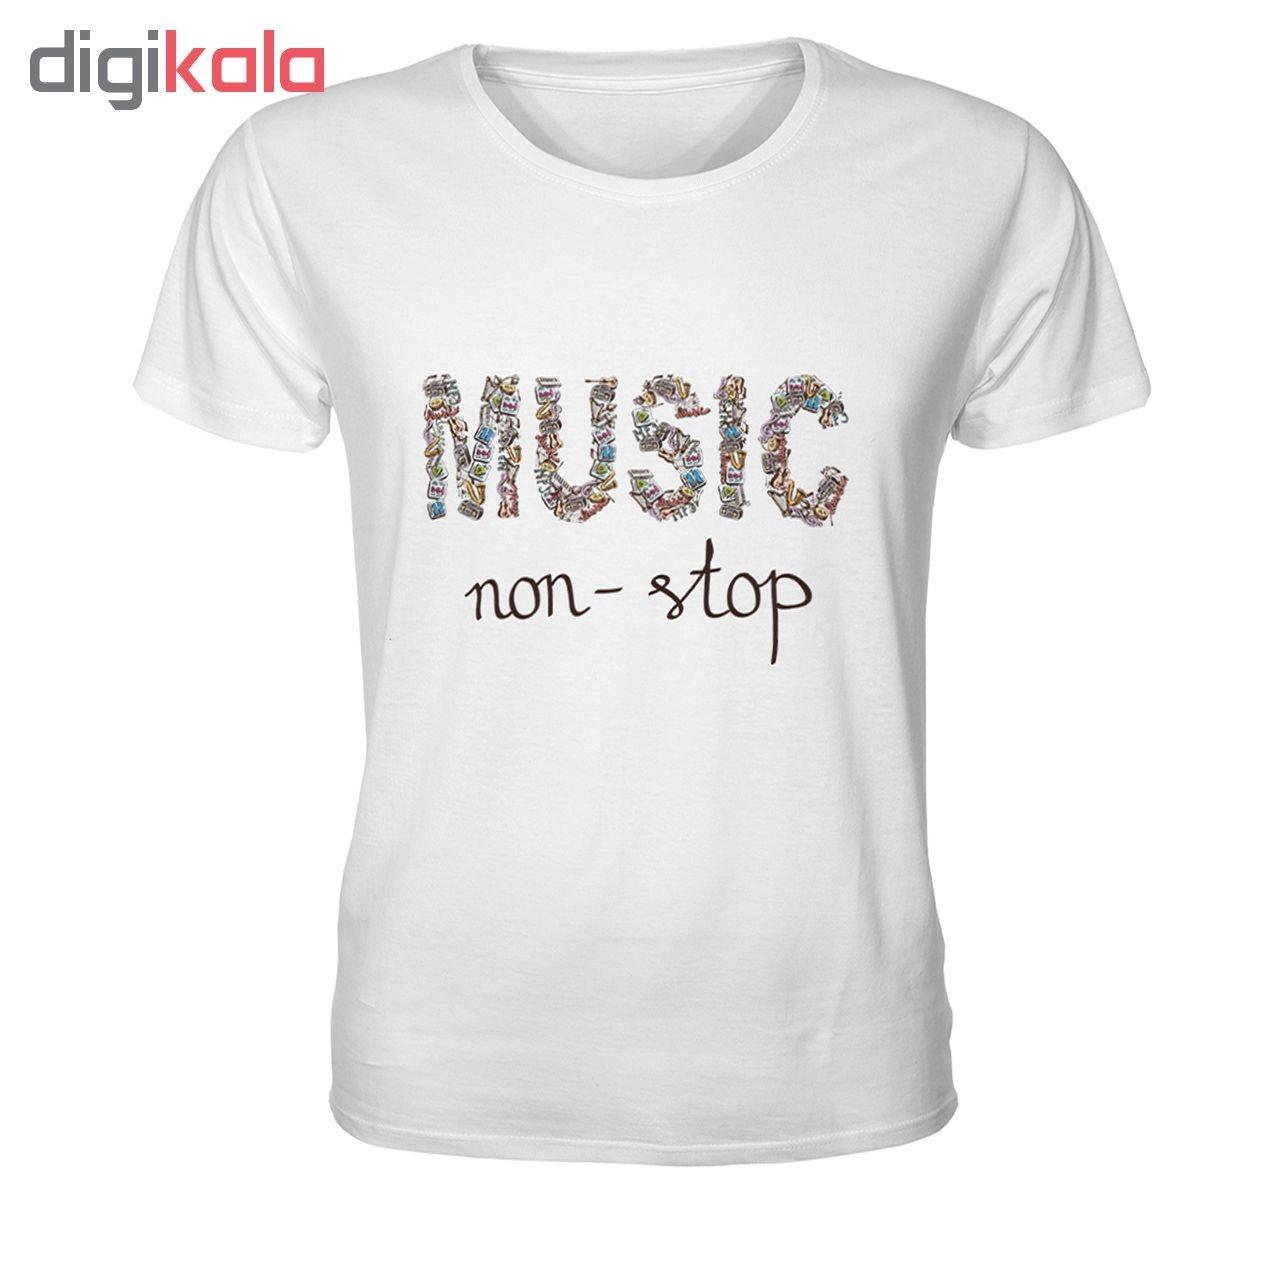 تی شرت مردانه طرح موزیک بدون توقف کد TMBF3046